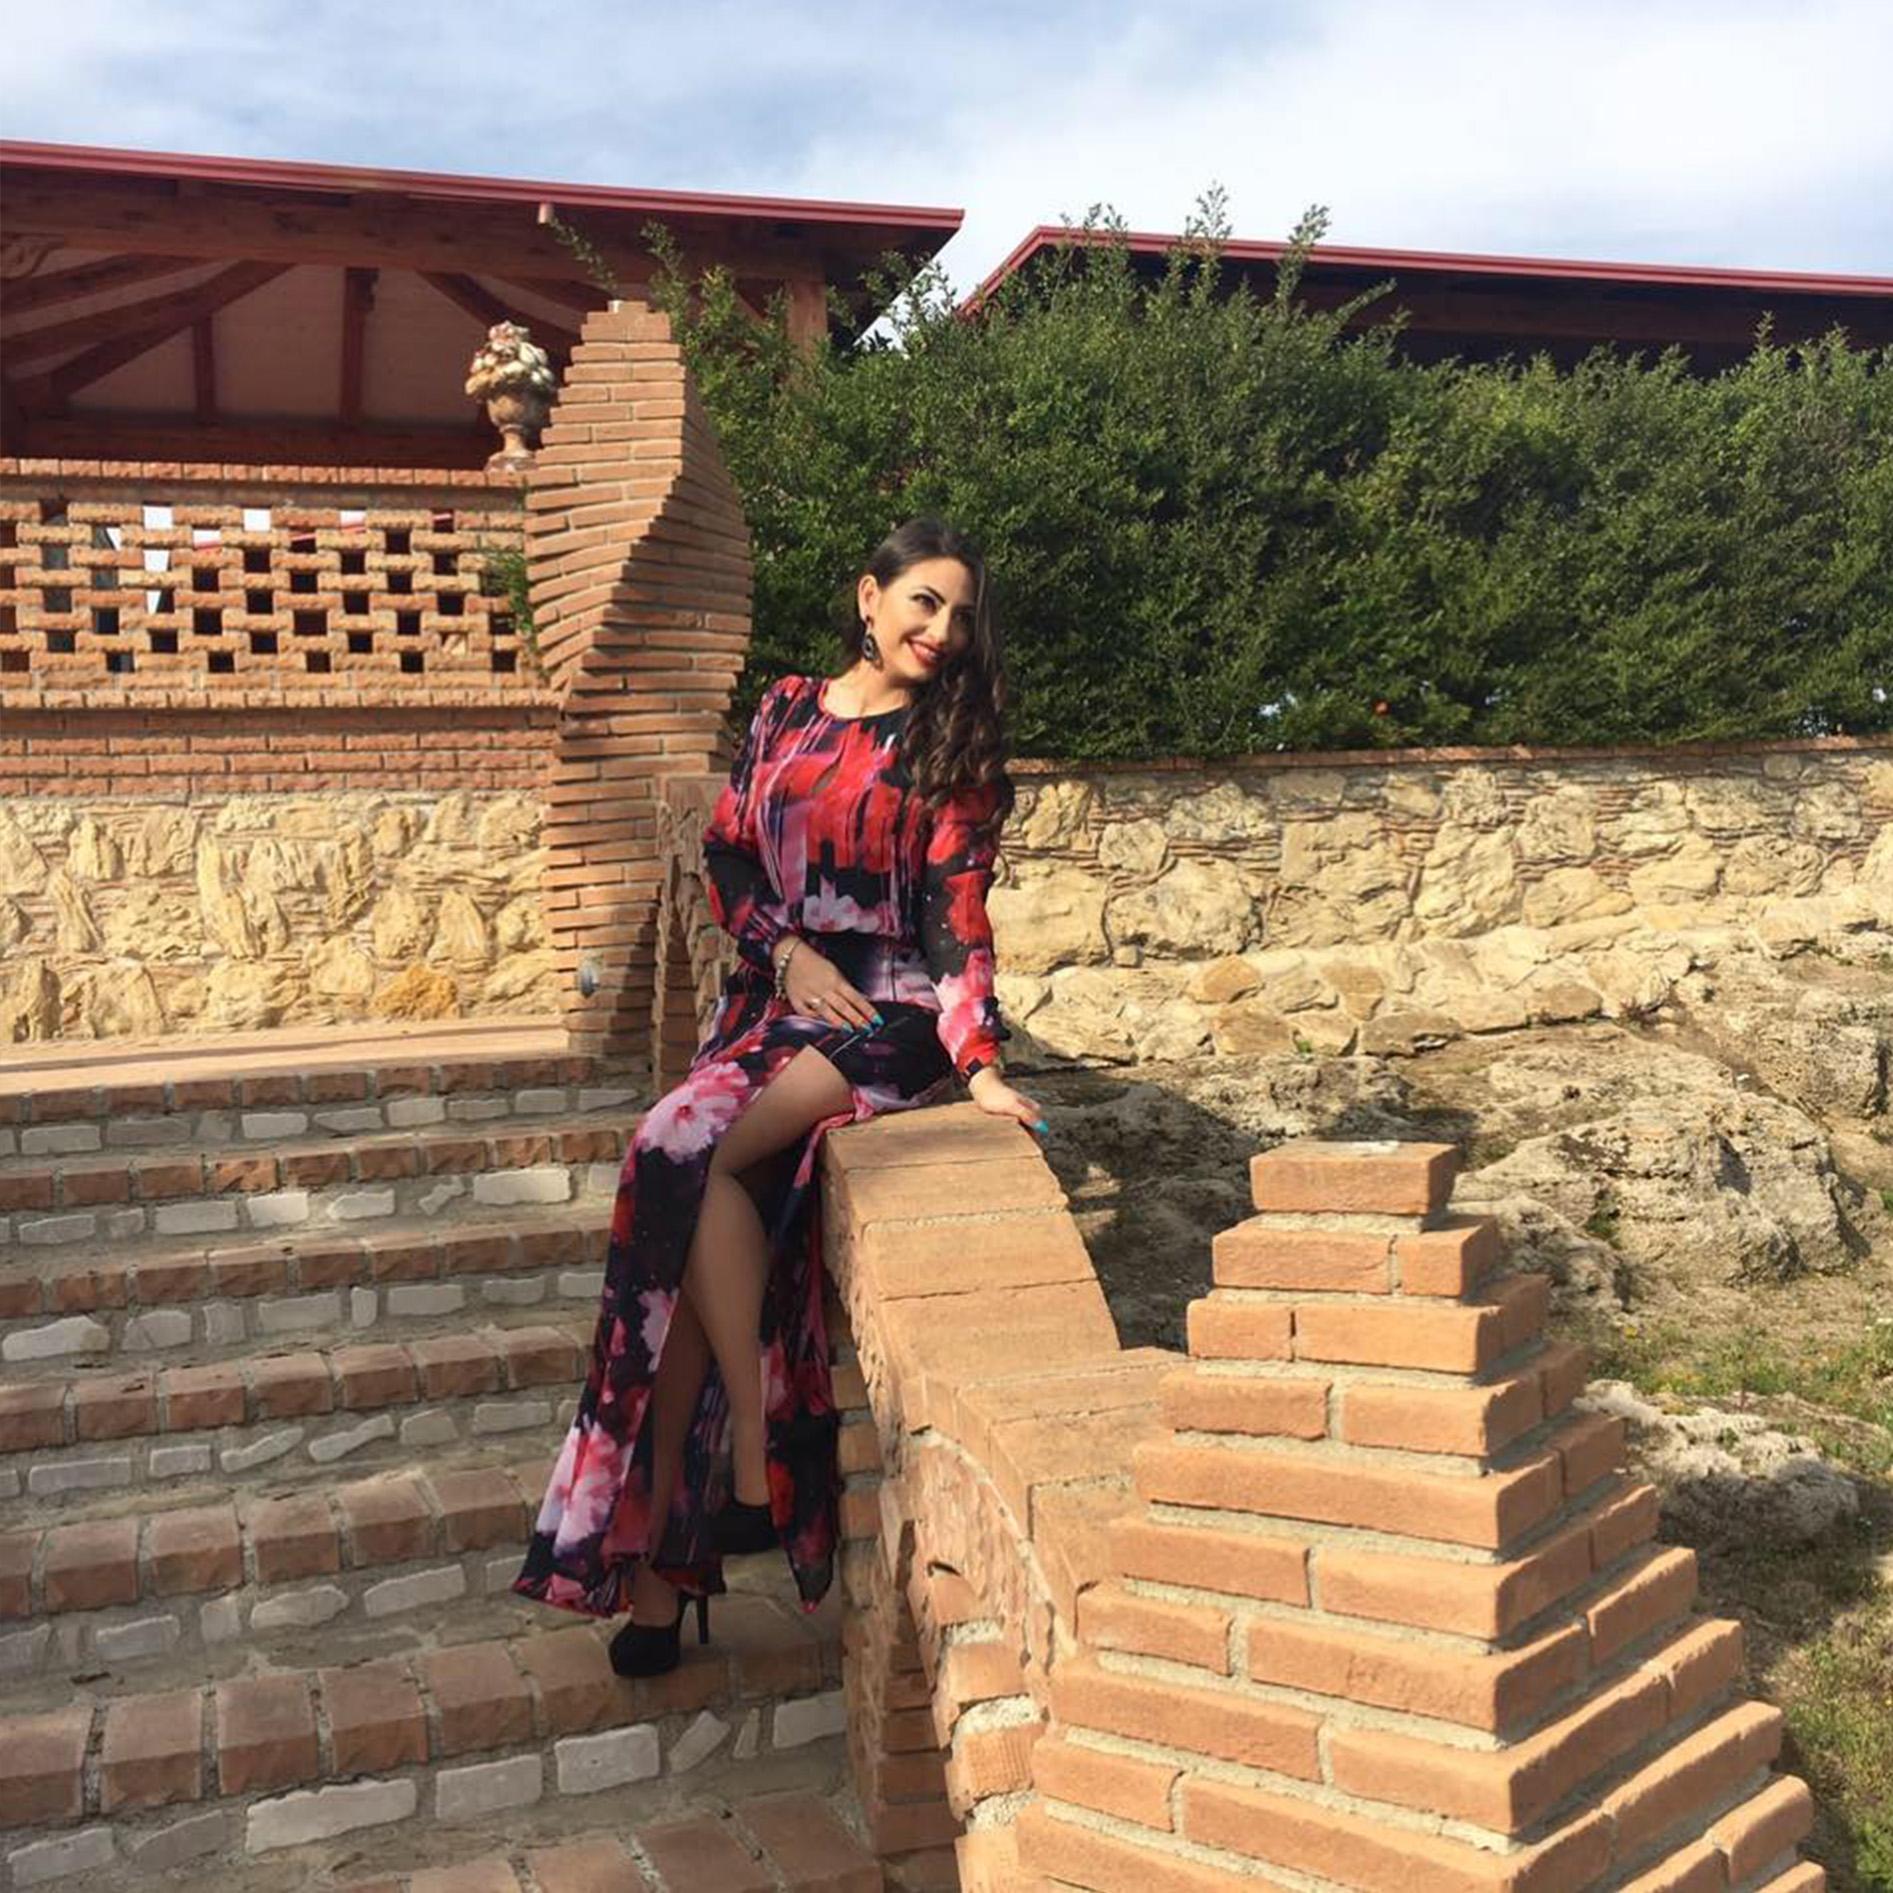 Miriam Patarino